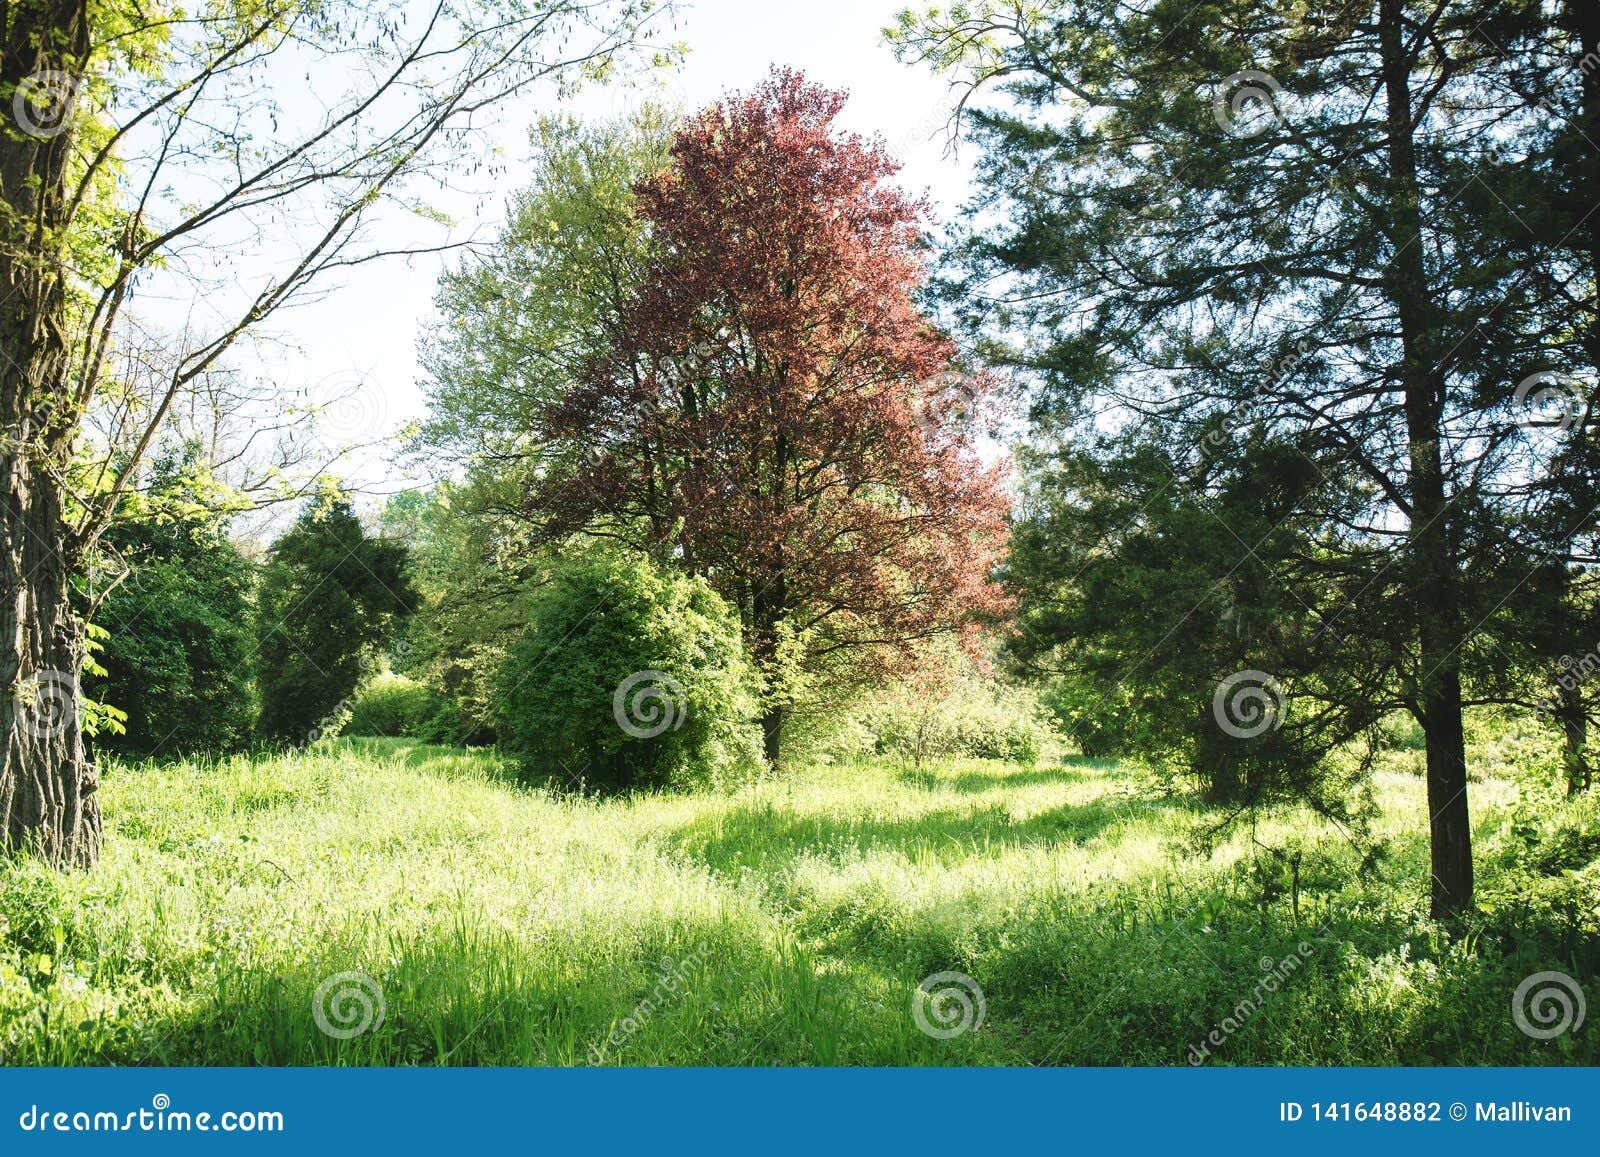 Tree With Burgundy Foliage Stock Photo Image Of Leaf 141648882